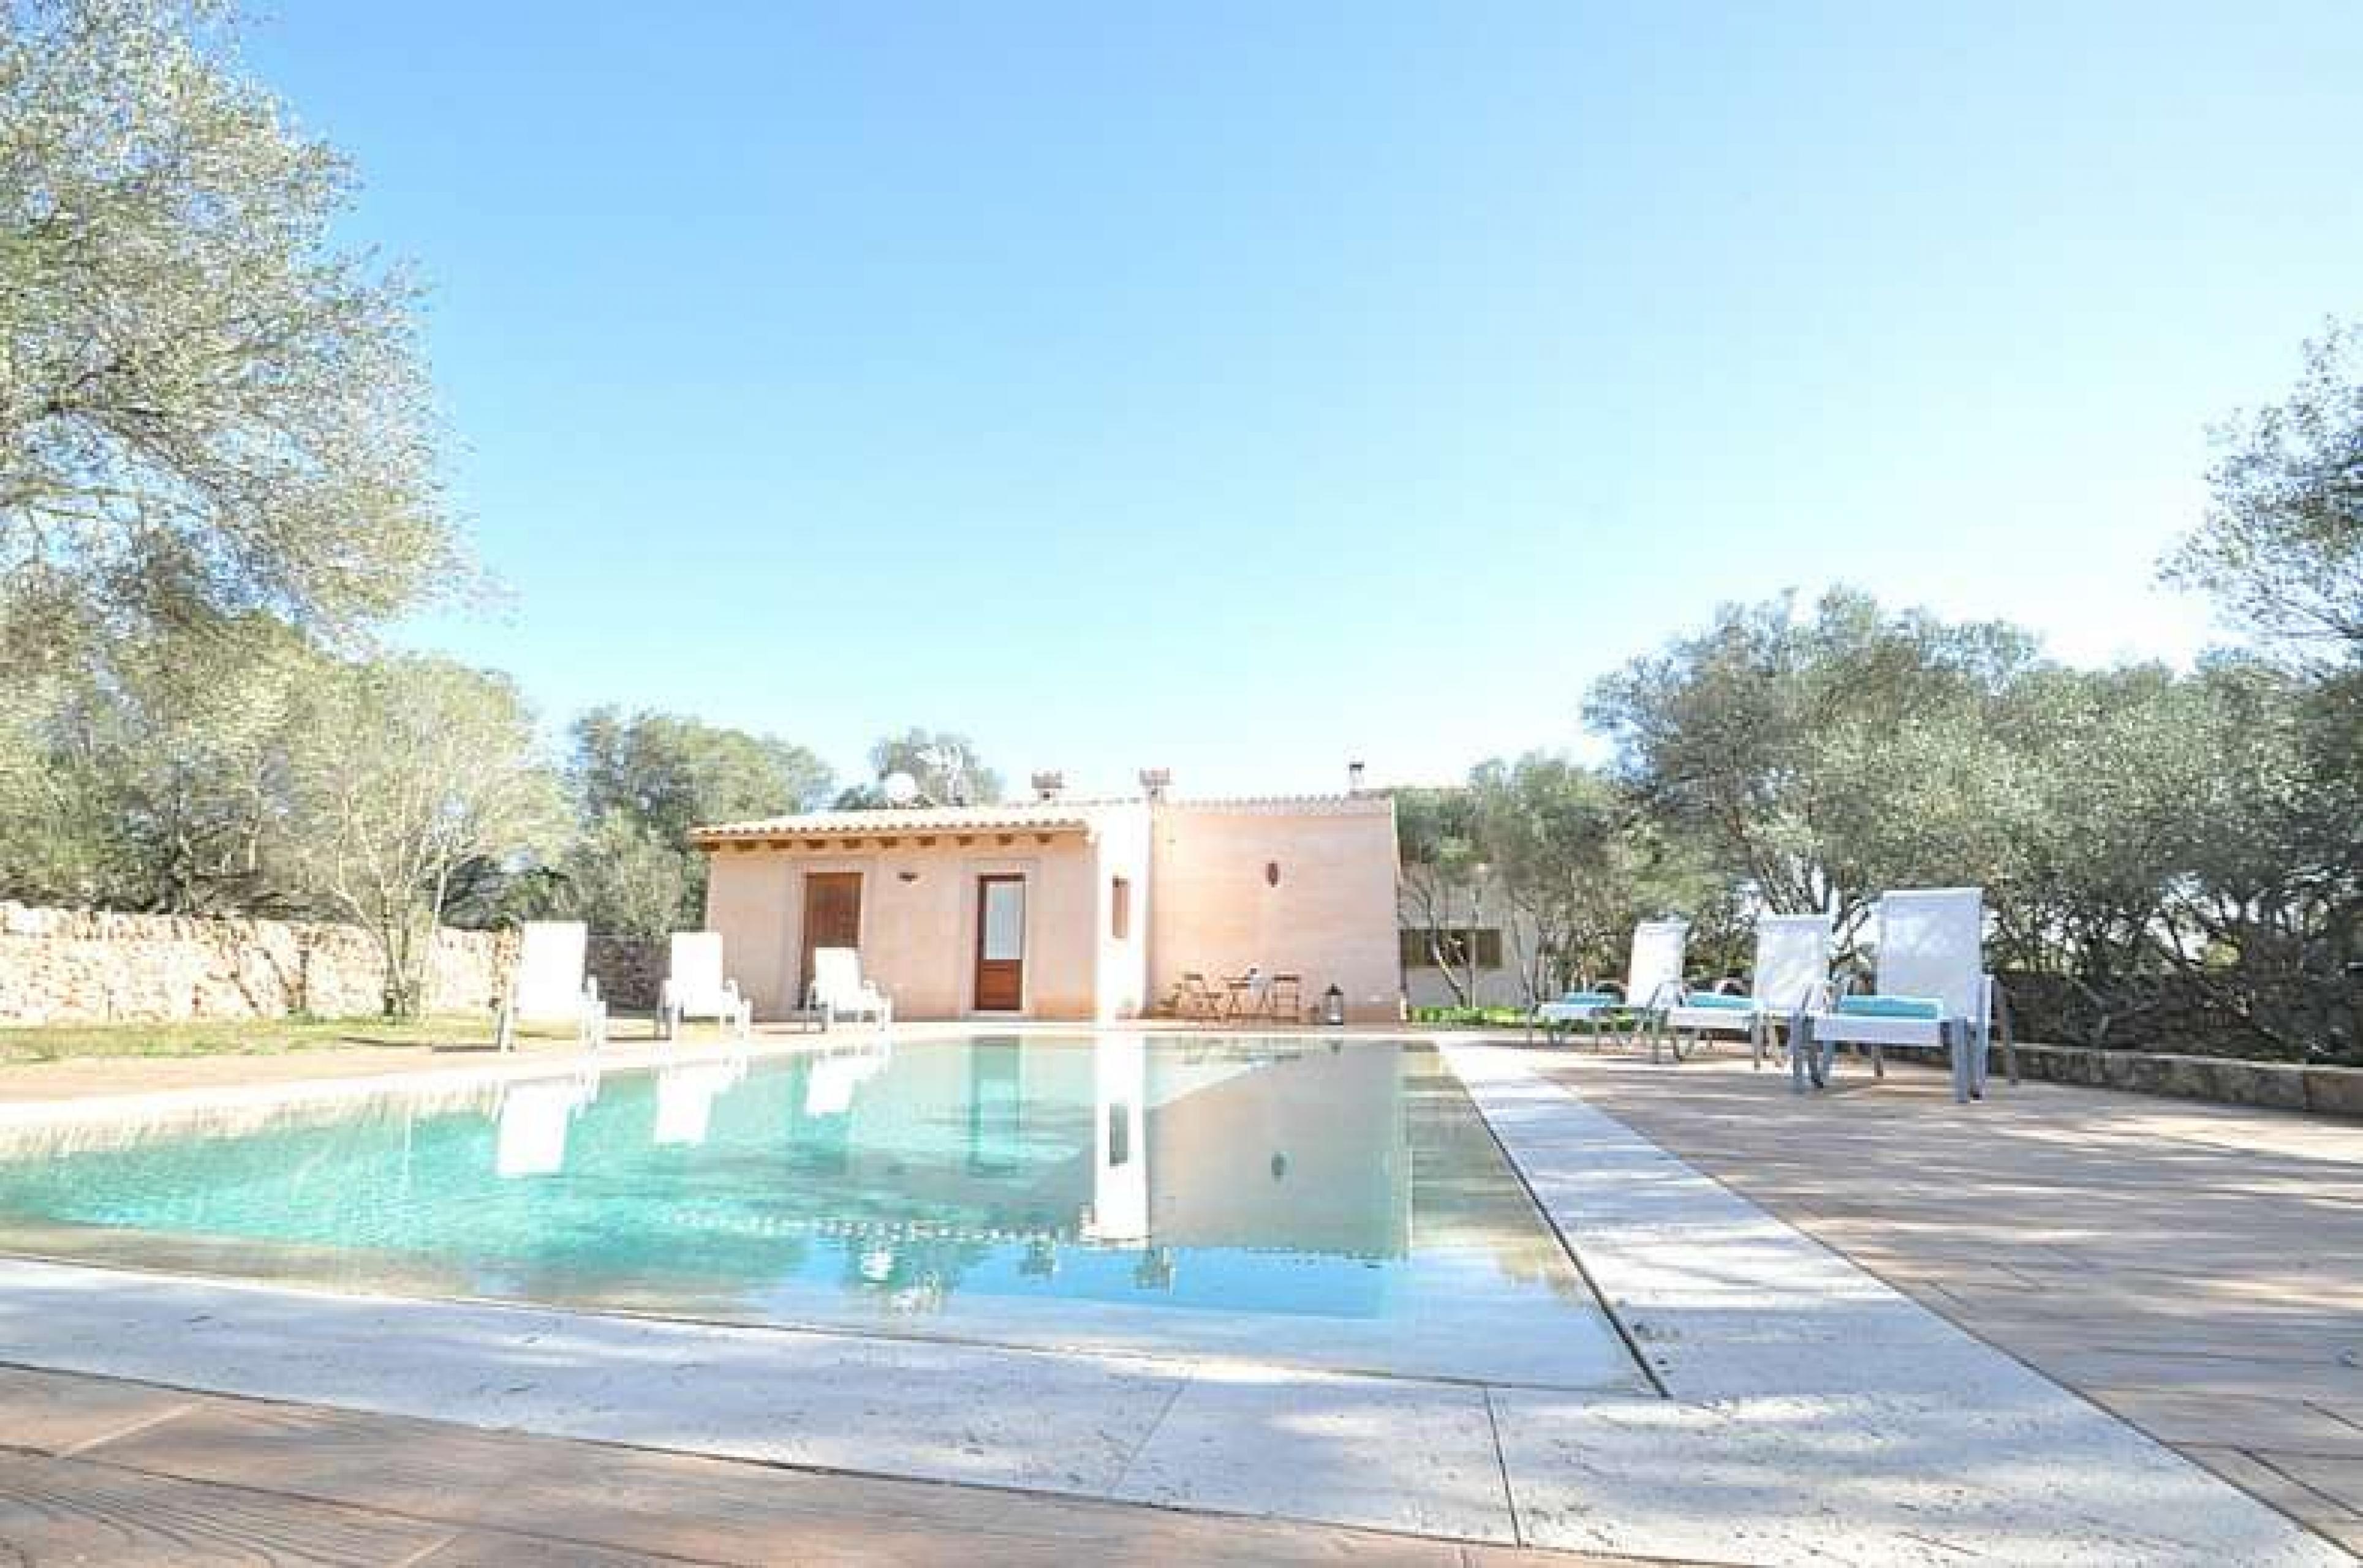 Villaonline can fosquet casa de campo en cala pi para 8 for Casa de campo con piscina privada